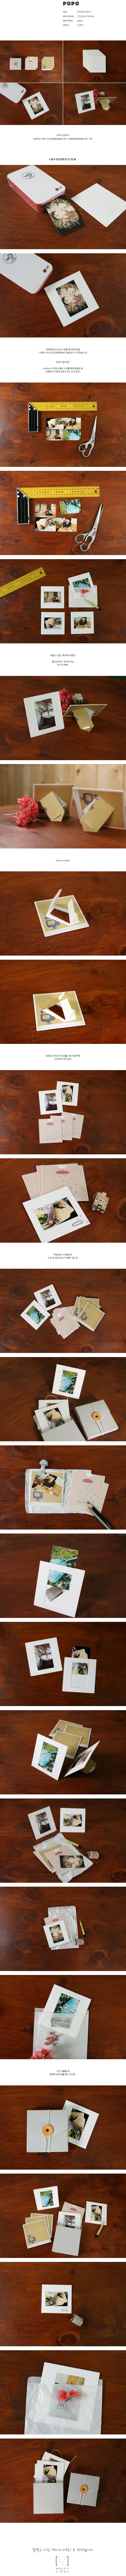 Popo photo box - 무즈앤뷰즈, 4,500원, 포켓앨범, 심플